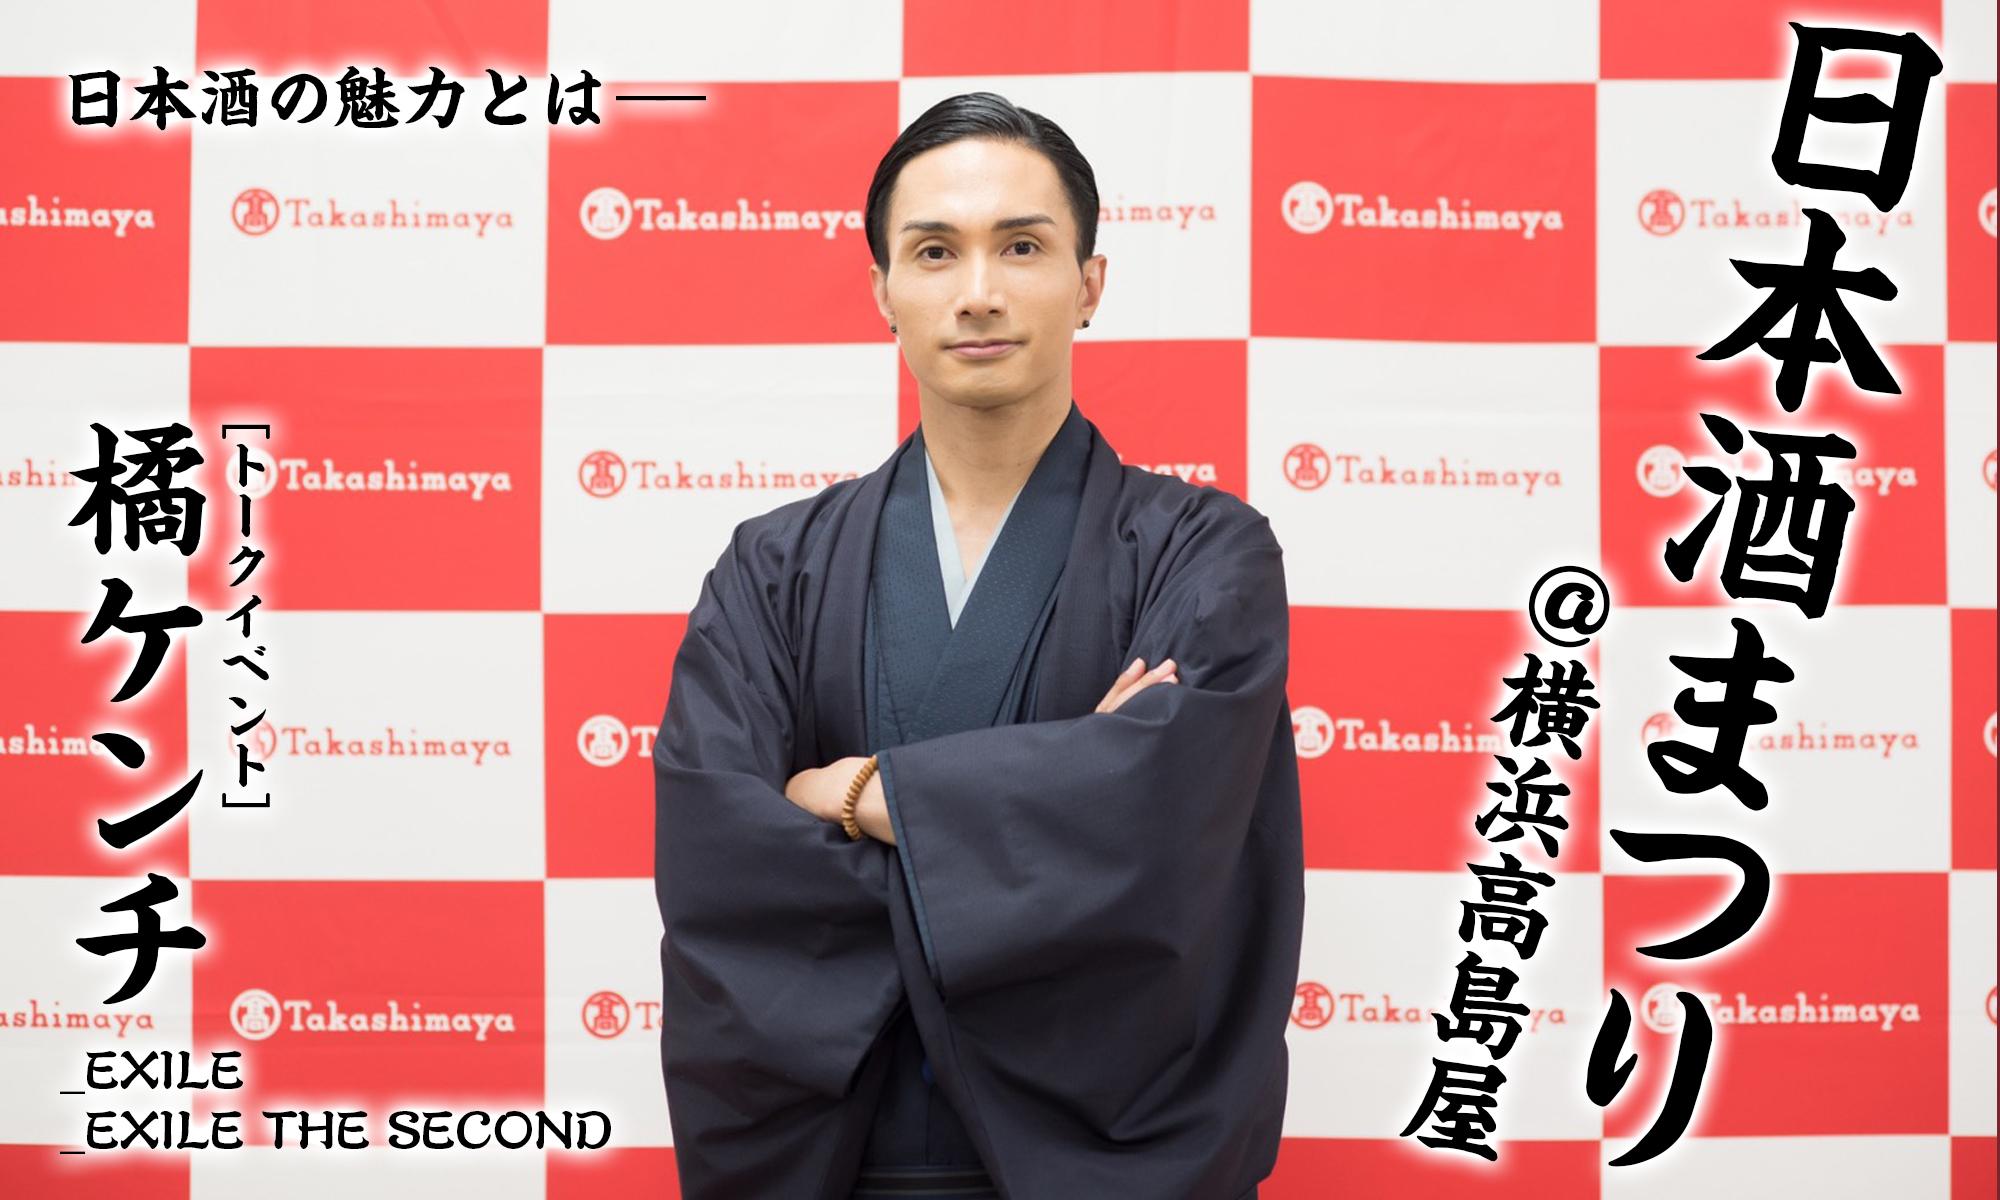 第3回横浜高島屋日本酒まつり -橘ケンチ トークイベント-